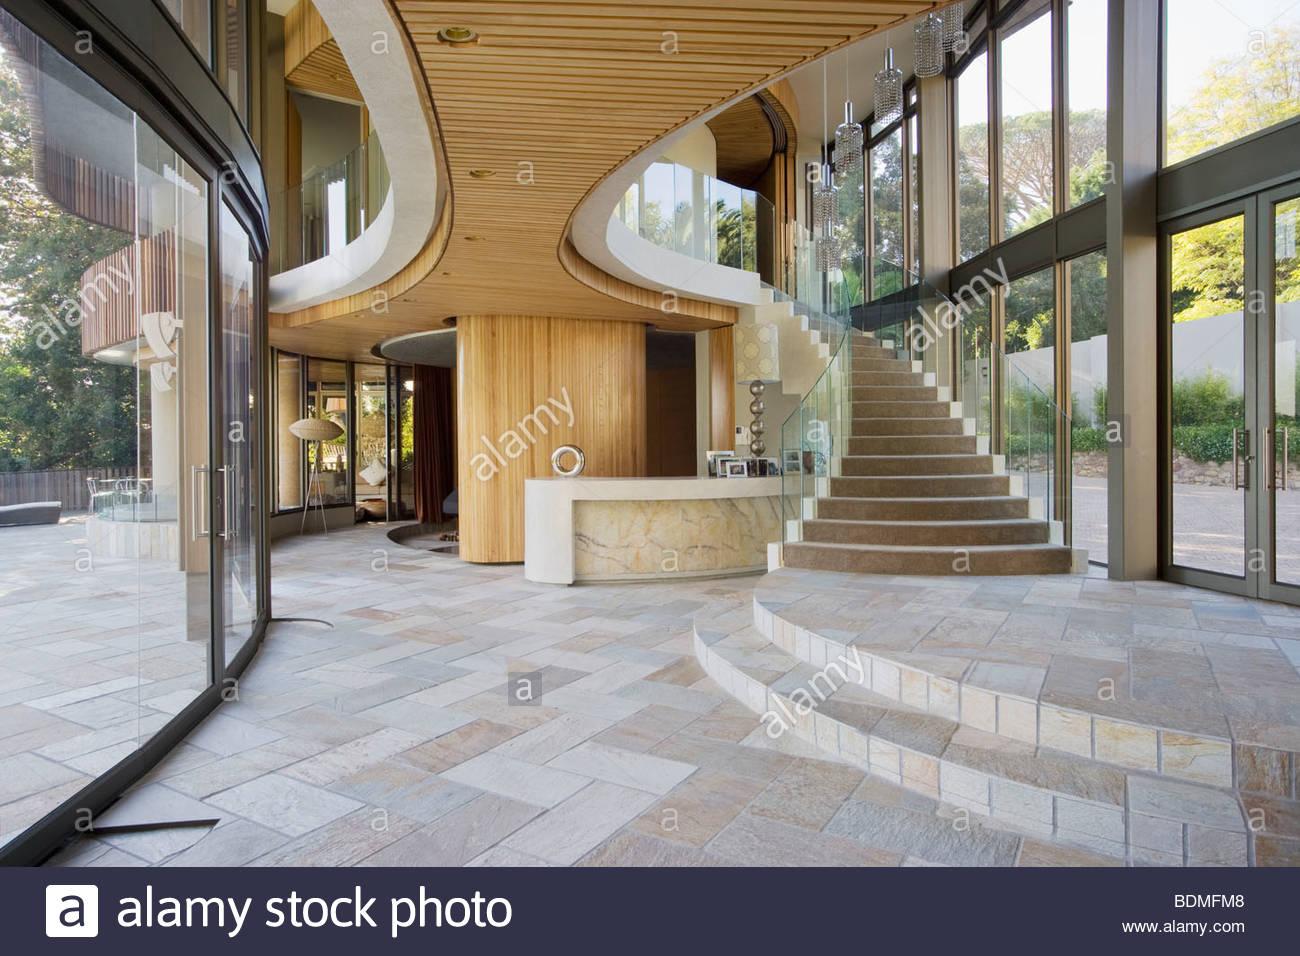 Escalera y entrada de casa moderna foto imagen de stock for Escaleras entrada casa